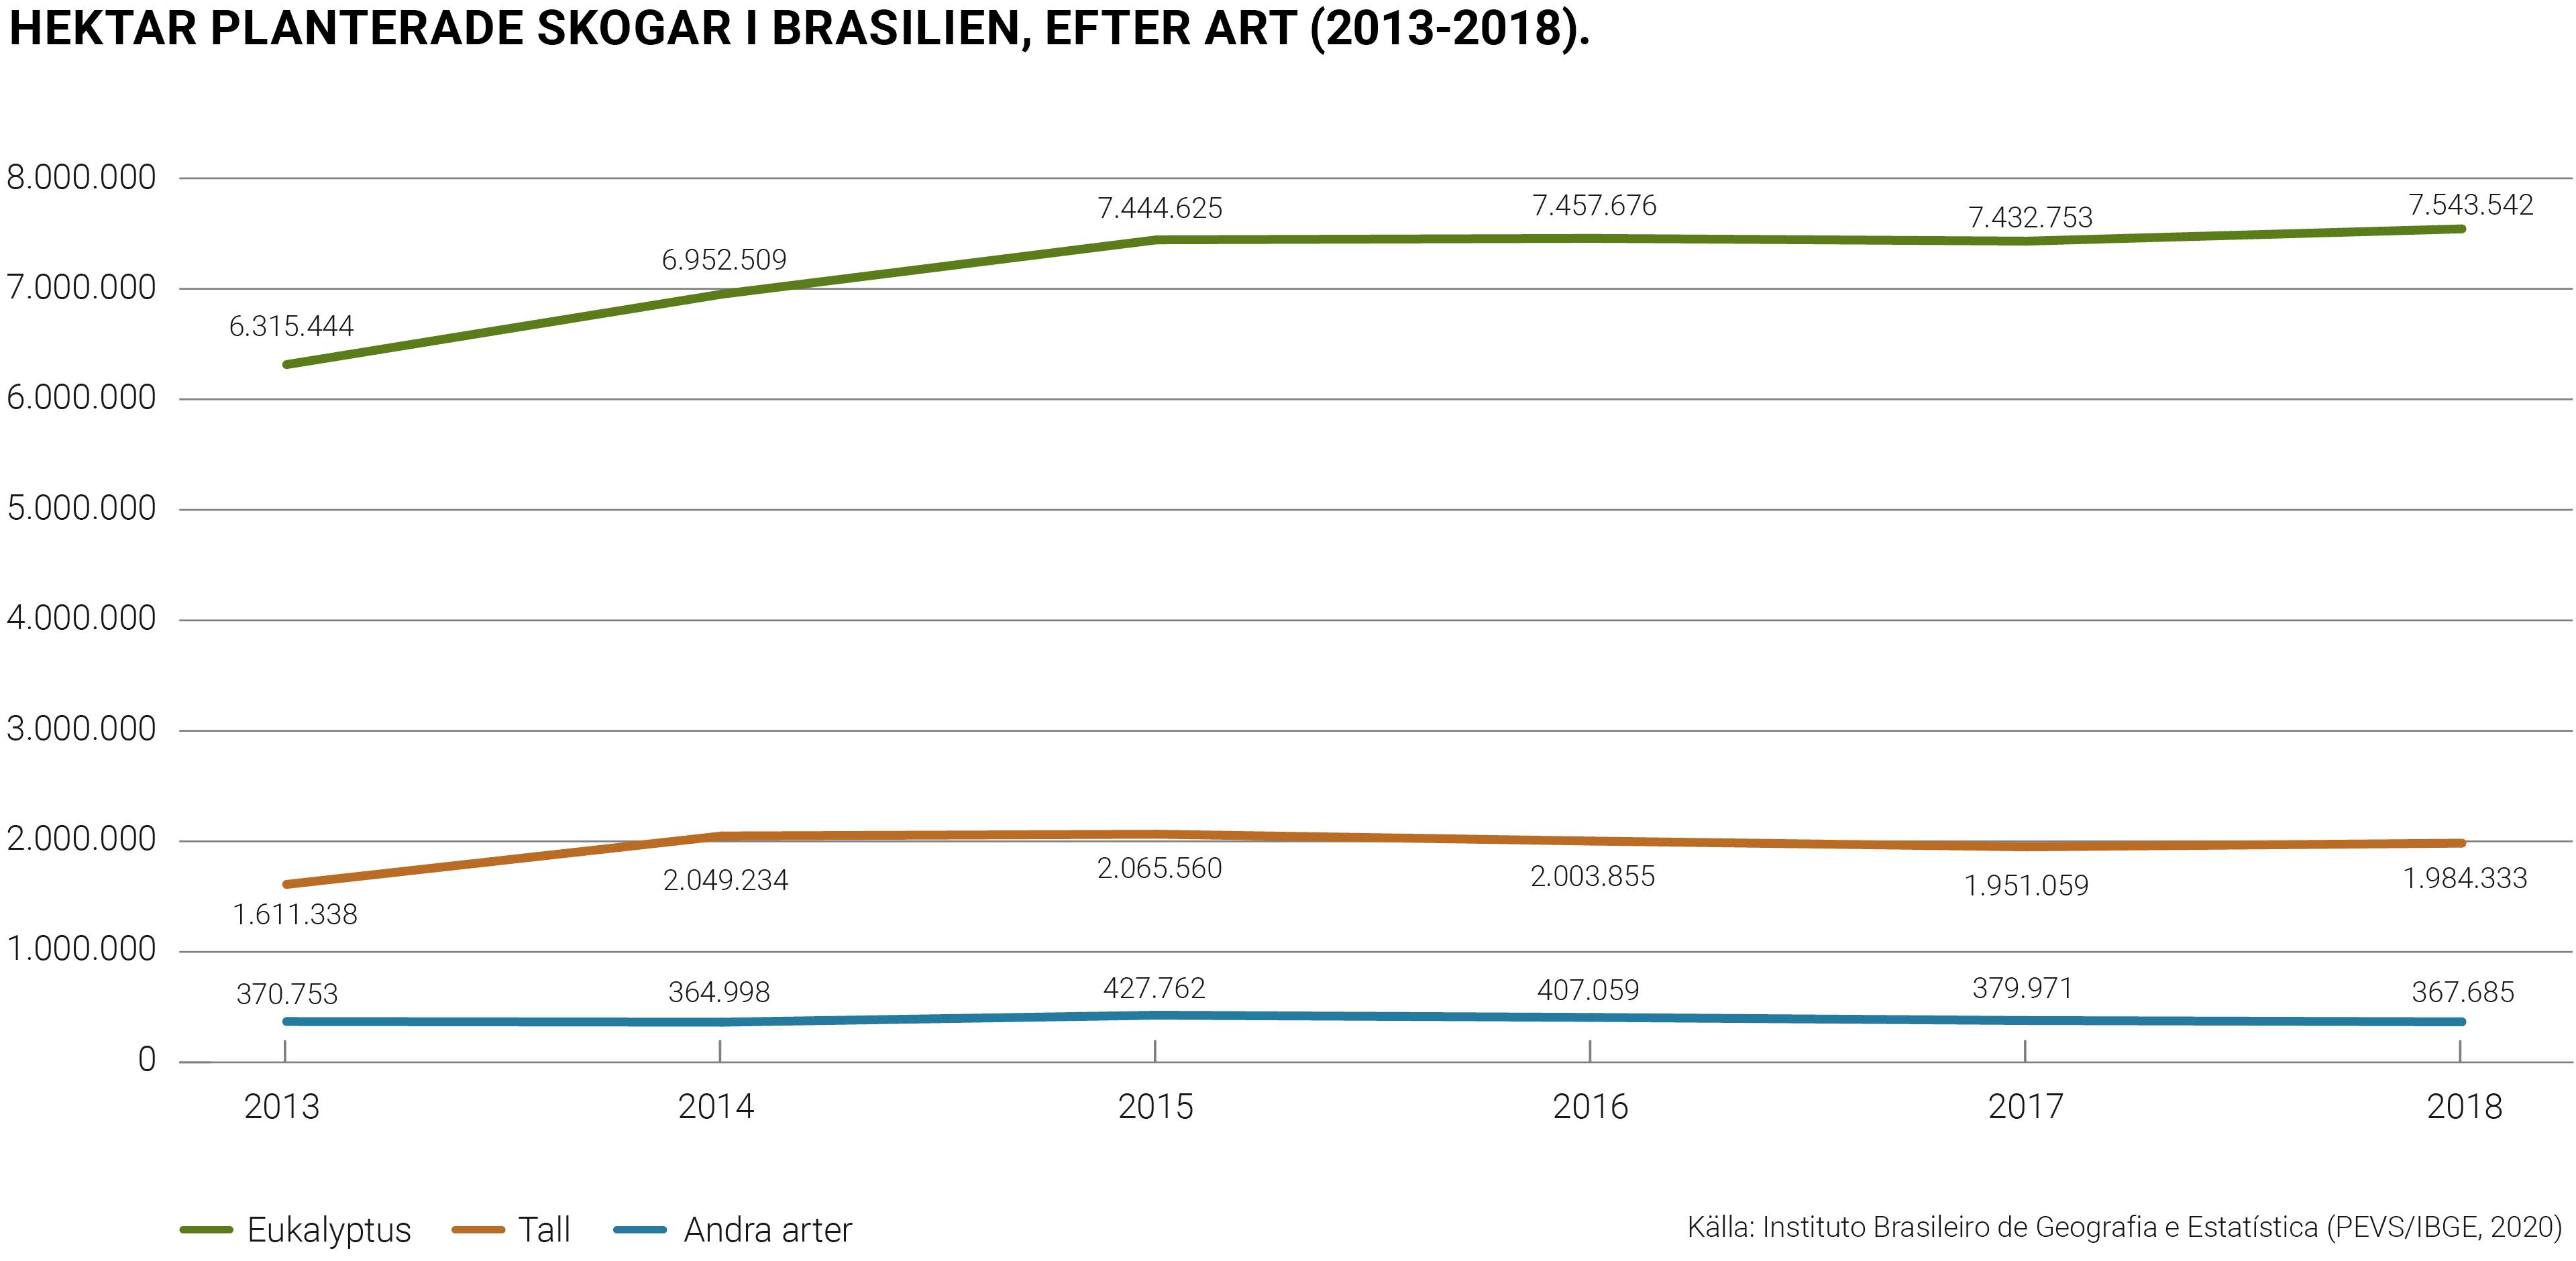 Hektar planterade skogar i Brasilien, efter art (2013-2018).